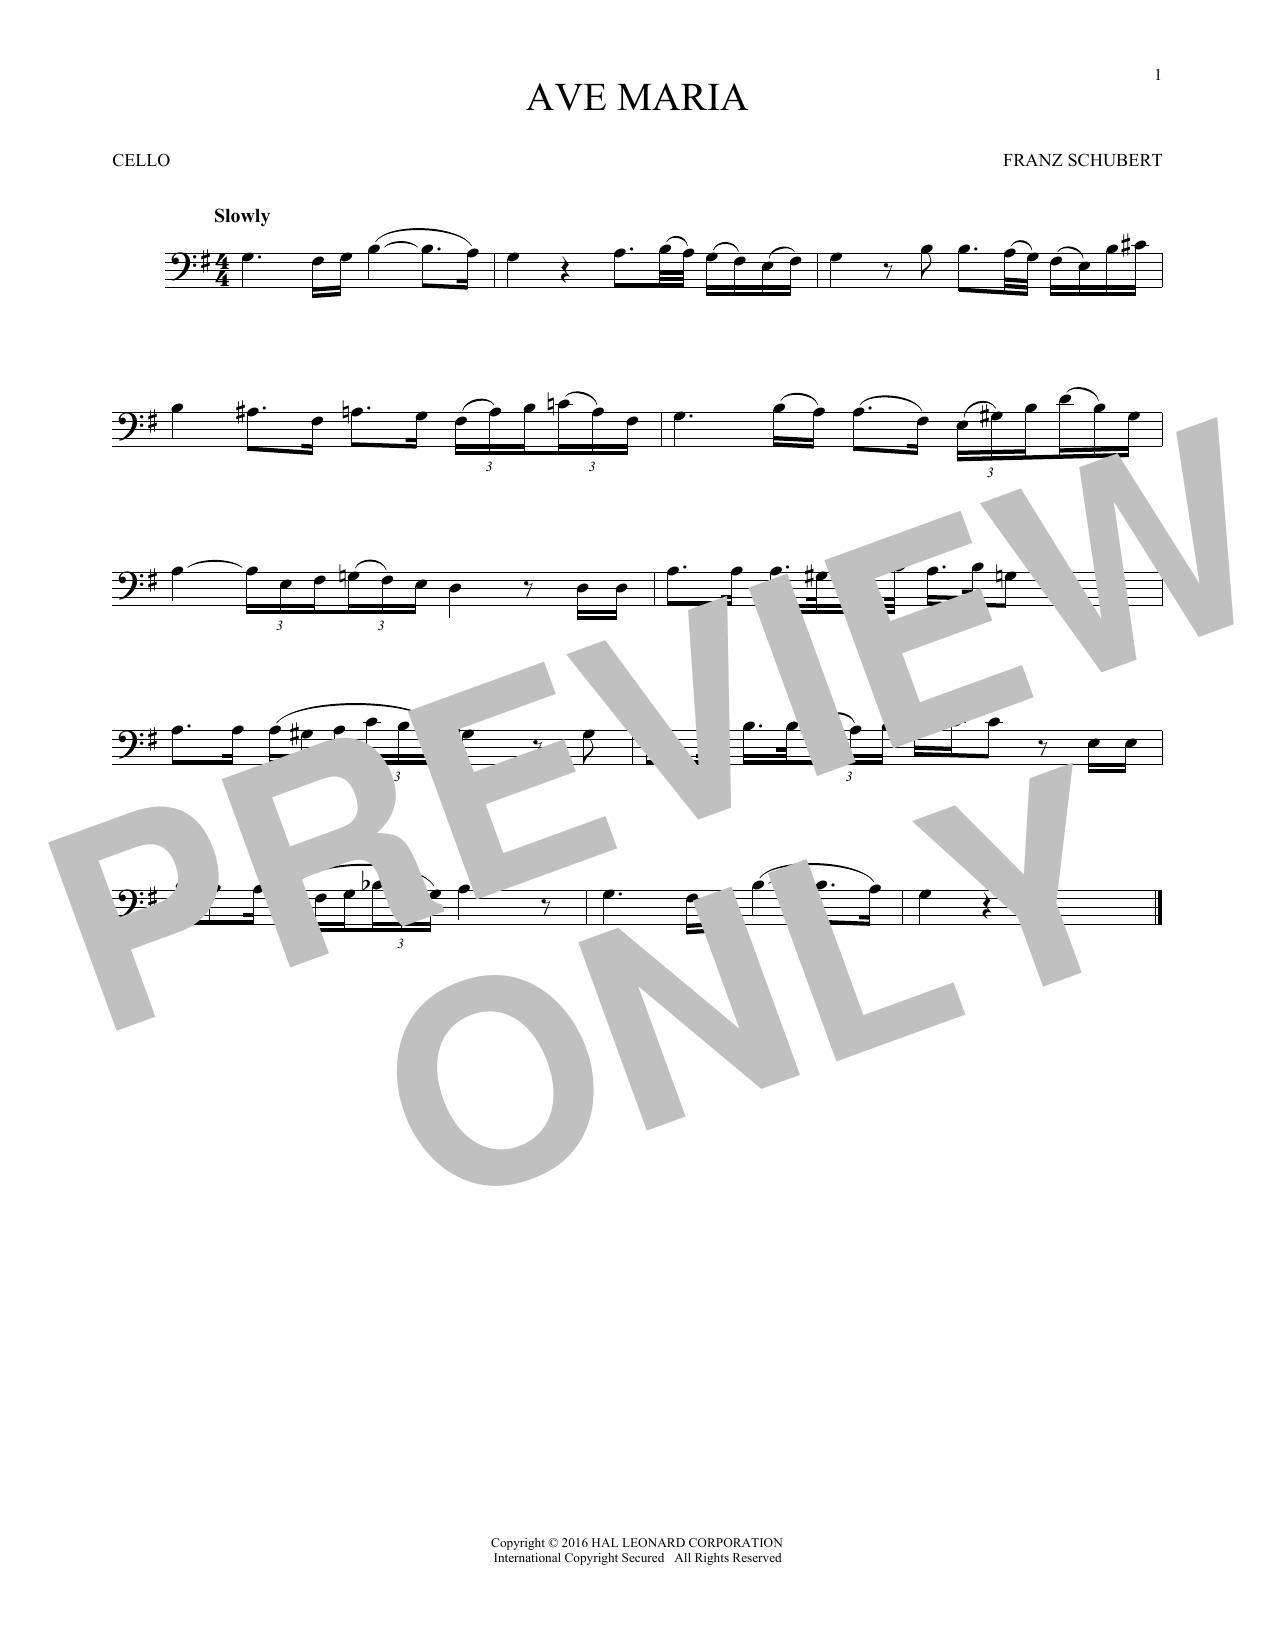 Ave Maria, Op. 52, No. 6 (Cello Solo)